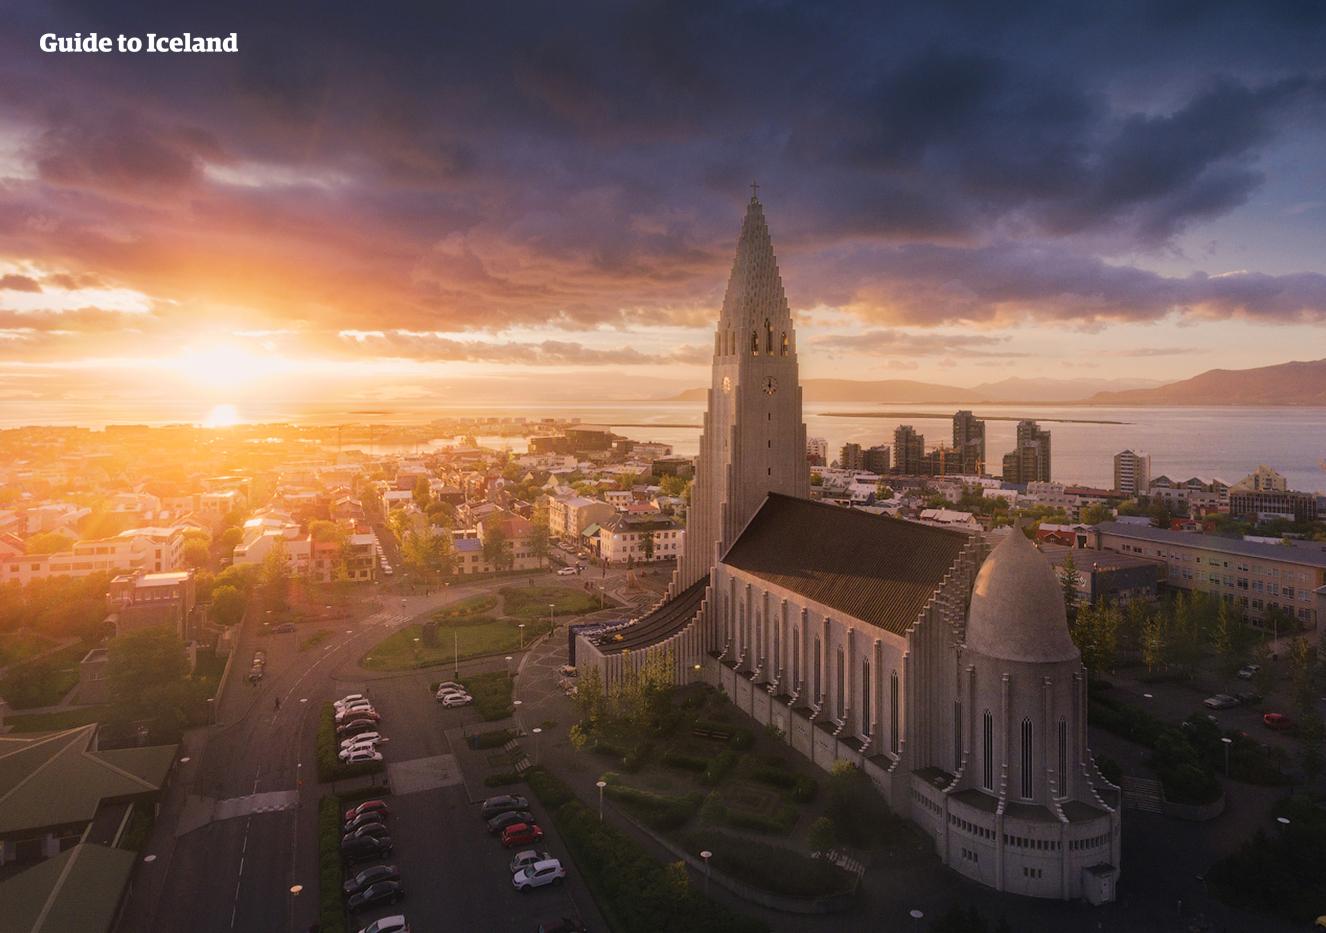 Что можно и что нельзя в путешествии по Исландии: топ-5 правил и запретов